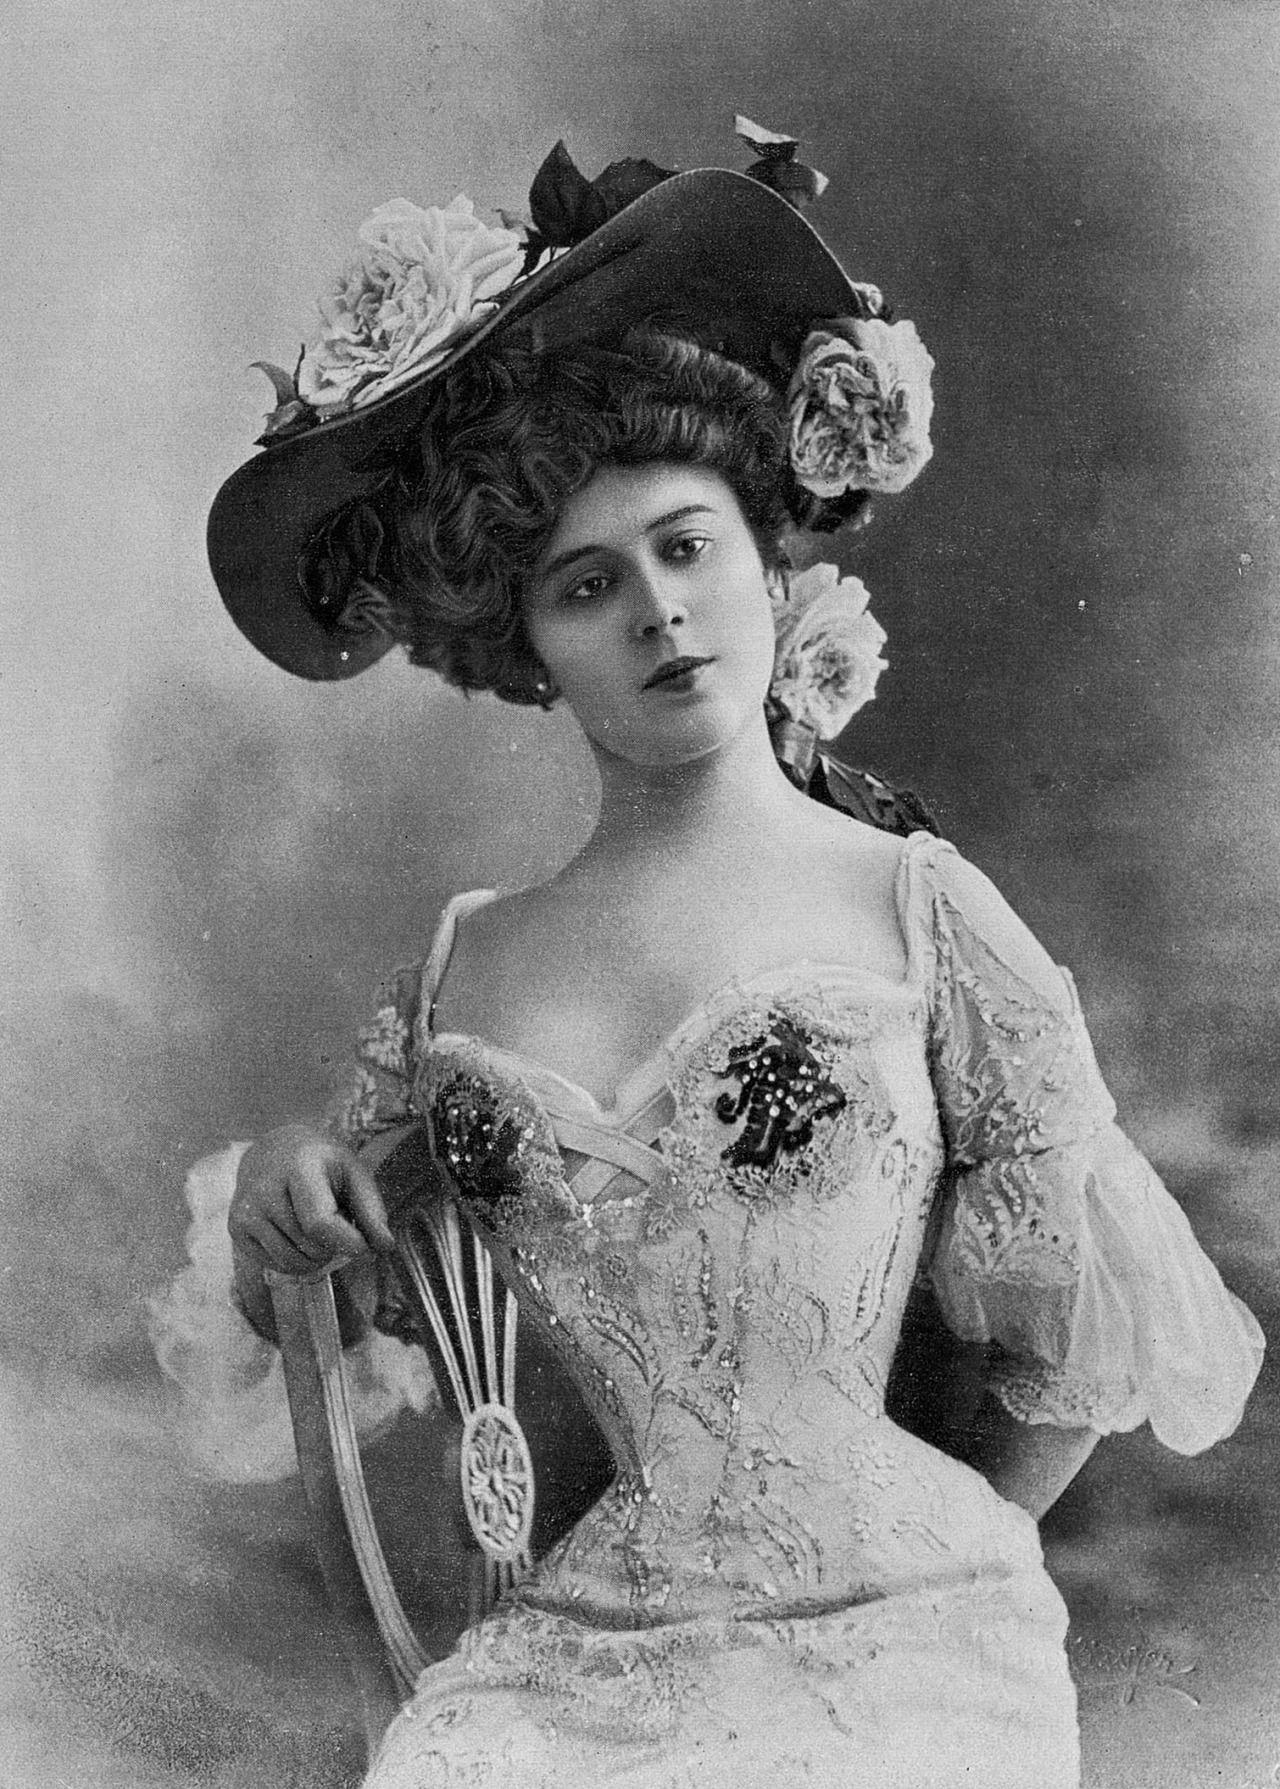 L Art Dans La Coiffure Manon Loti Photo By Reutlinger Les Modes August 1907 Art Nouveau Fashion Vintage Photos Women Art Deco Fashion